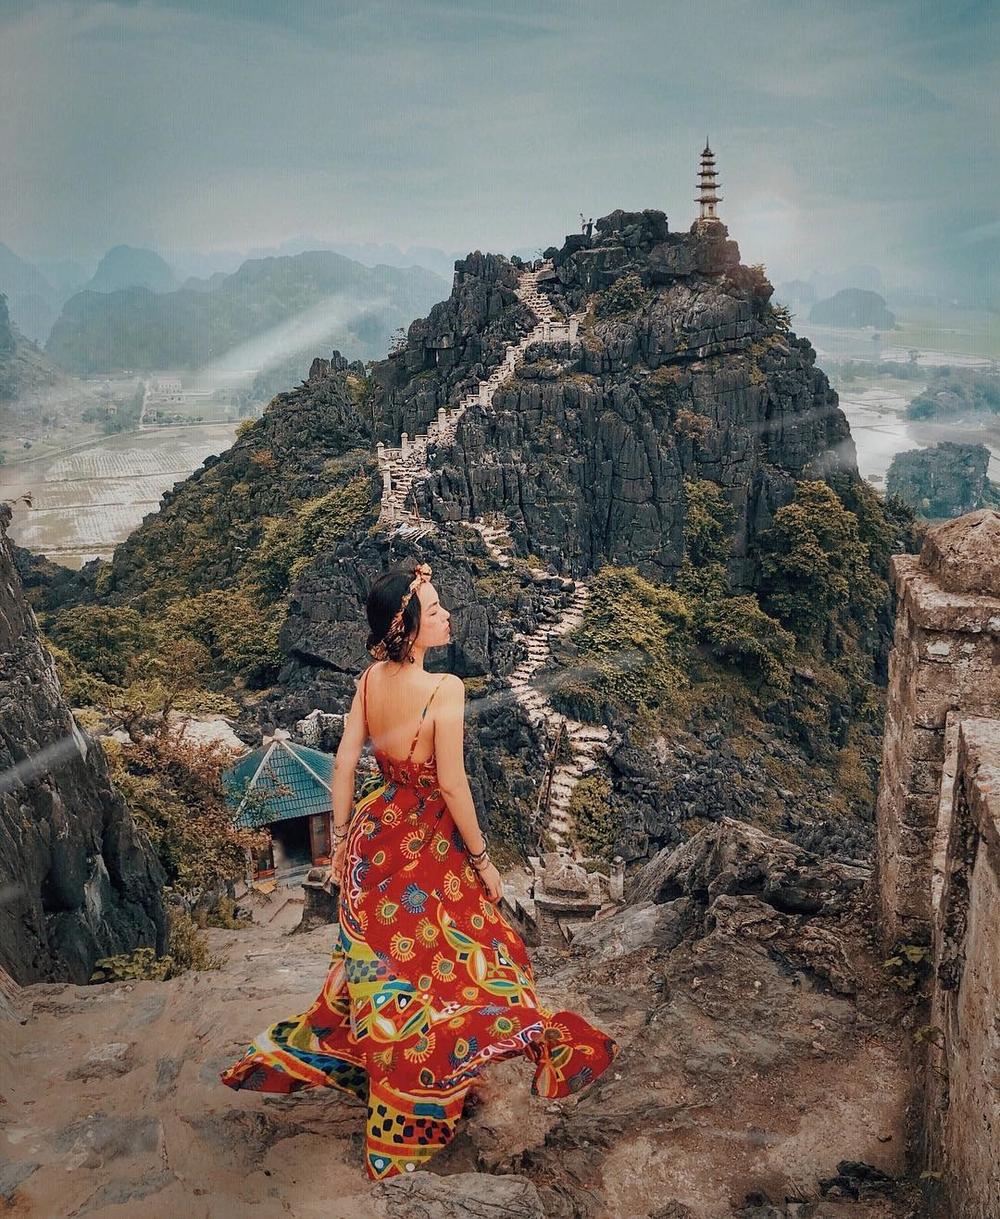 """Soán ngôi"""" mọi tọa độ checkin, chính là """"ngọn tháp chọc trời"""" trên đỉnh Vạn  Lý Trường Thành phiên bản Việt"""